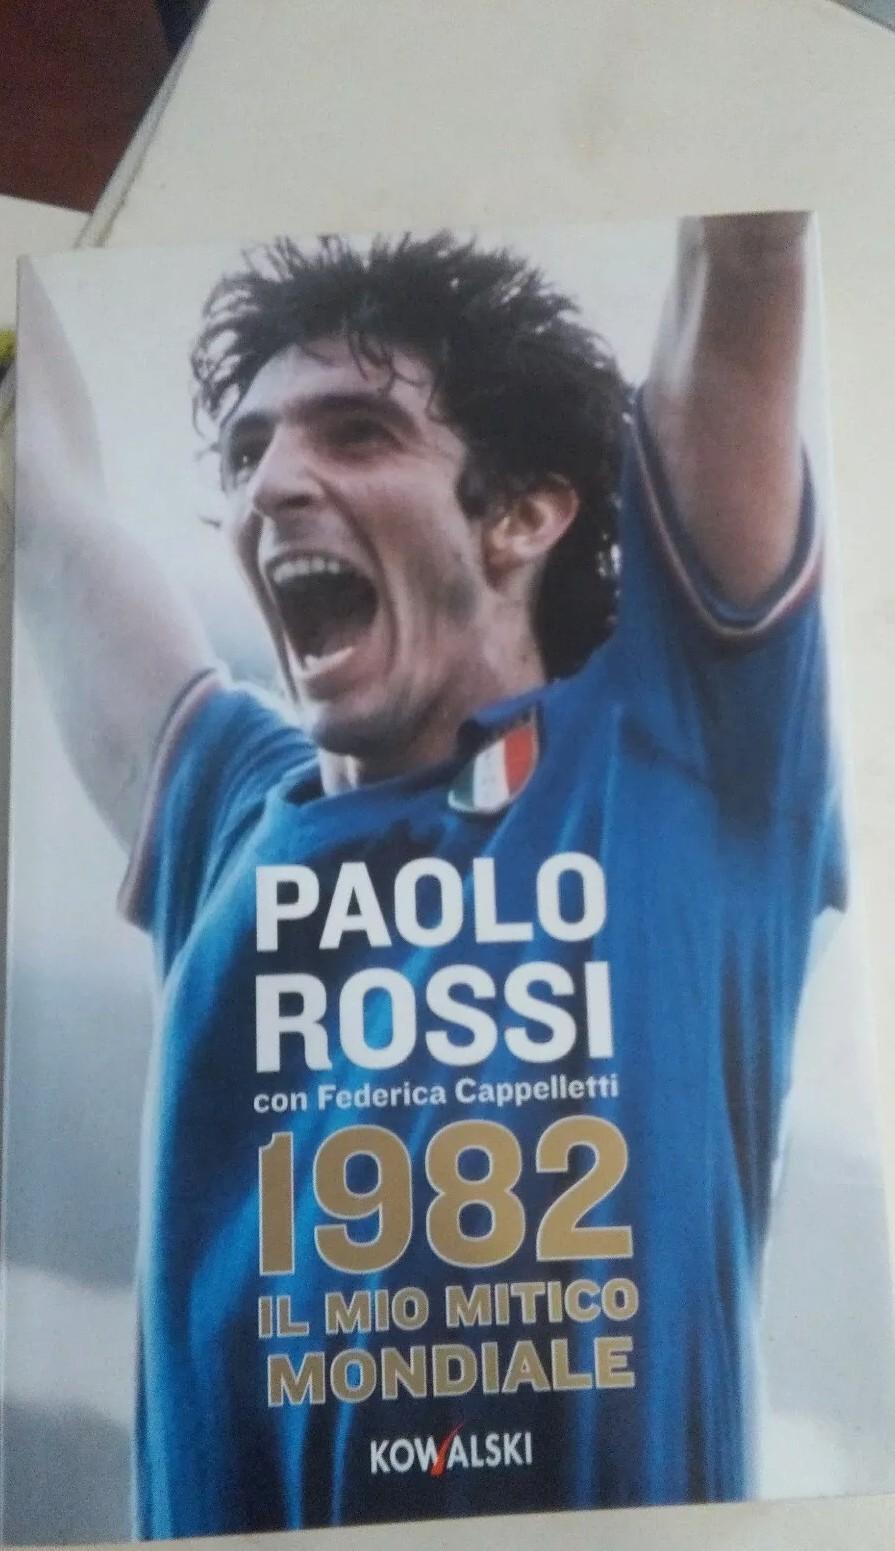 È MORTO PAOLO ROSSI Paolo Rossi 1982 Il mio mitico mondiale Kowalsi 2012 DEDICA